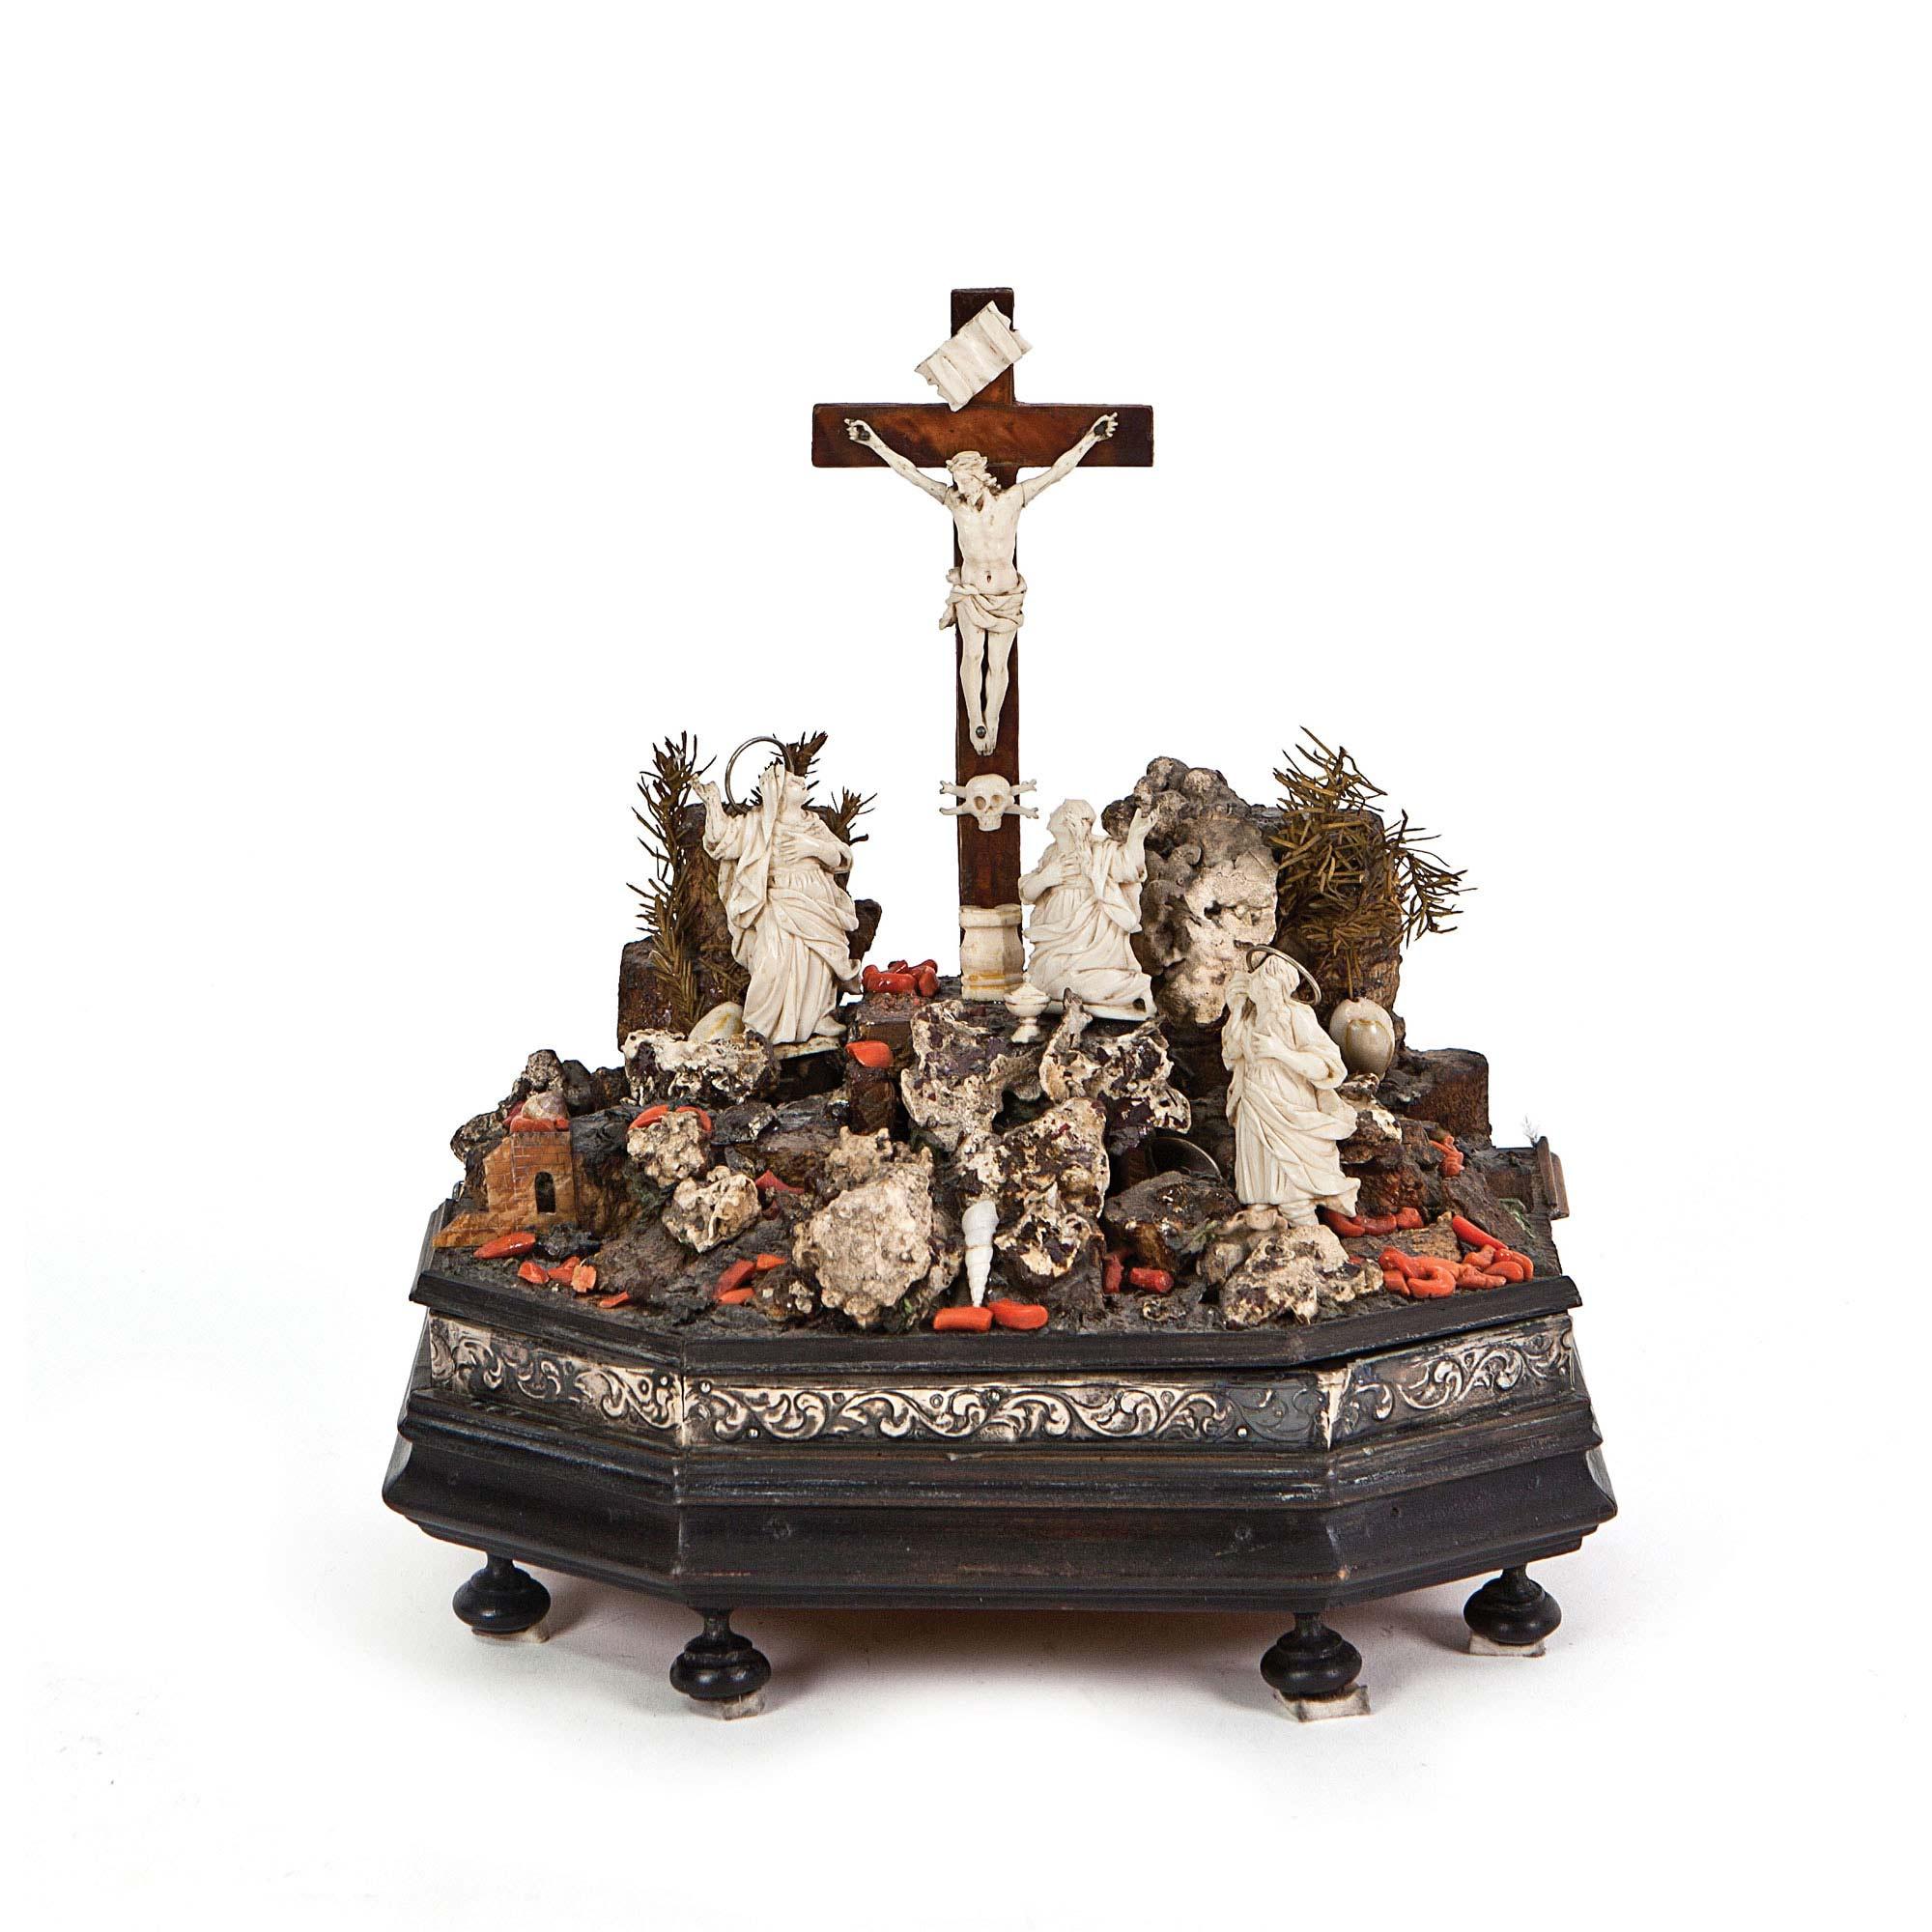 515-conjunto-de-marfi-tallado-coral-carey-y-conchas-sobre-base-de-madera-ebonizada-con-friso-de-plata.-trapani-sicilia-s.-xviii.01